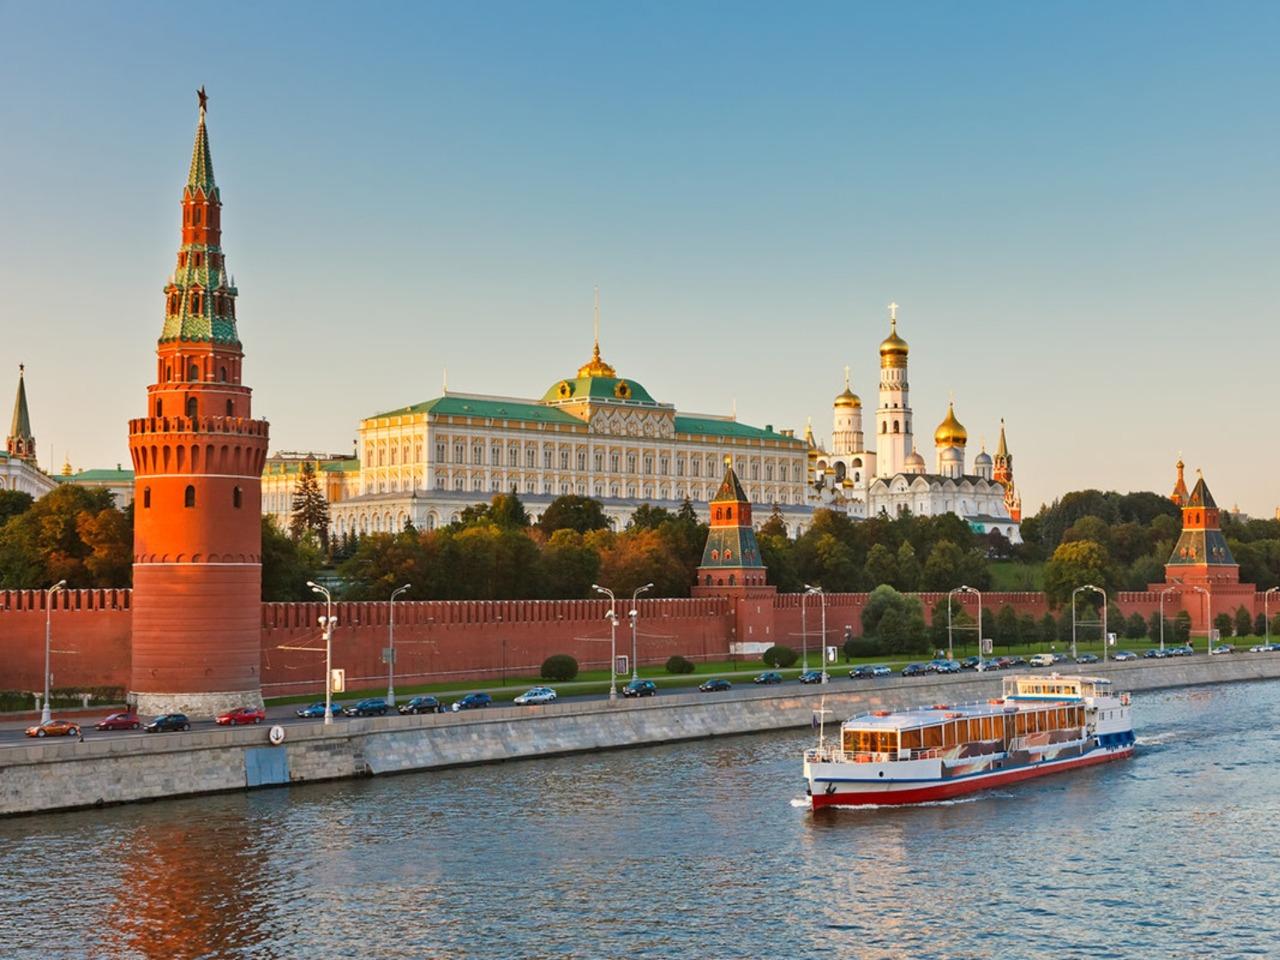 Московский Кремль - групповая экскурсия по Москве от опытного гида